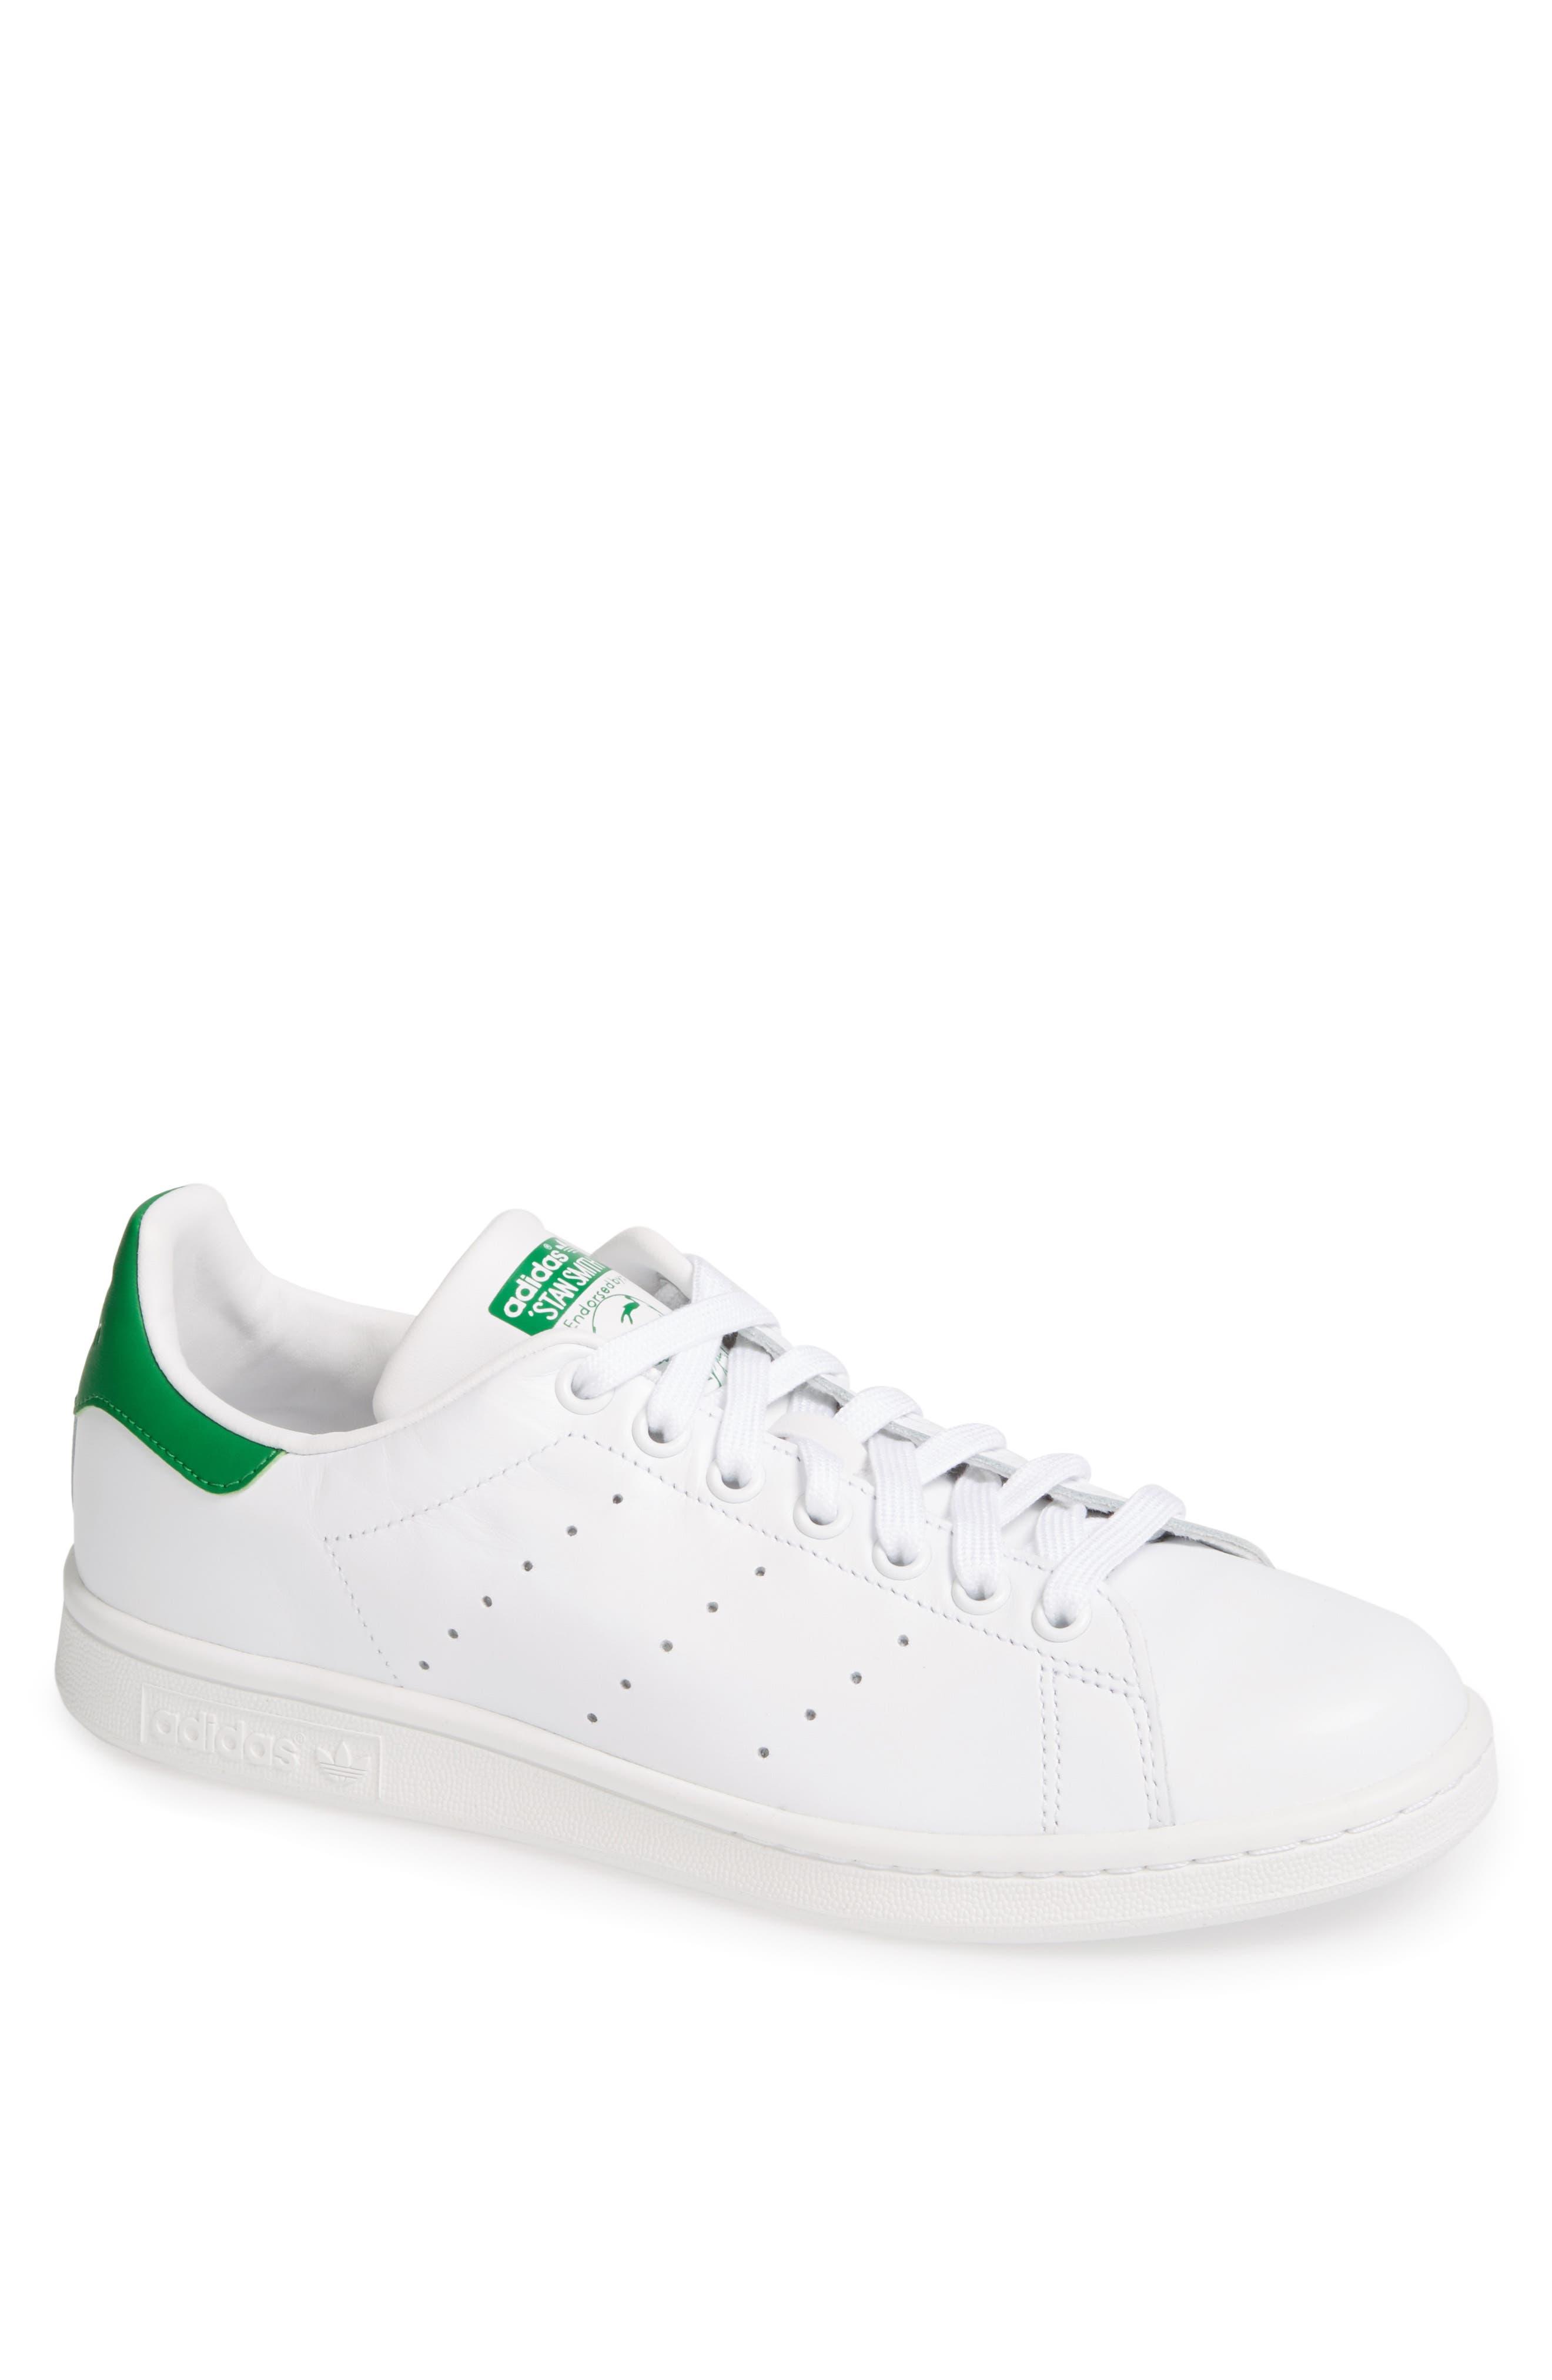 Men's Adidas 'Stan Smith' Sneaker, Size 9.5 M - White